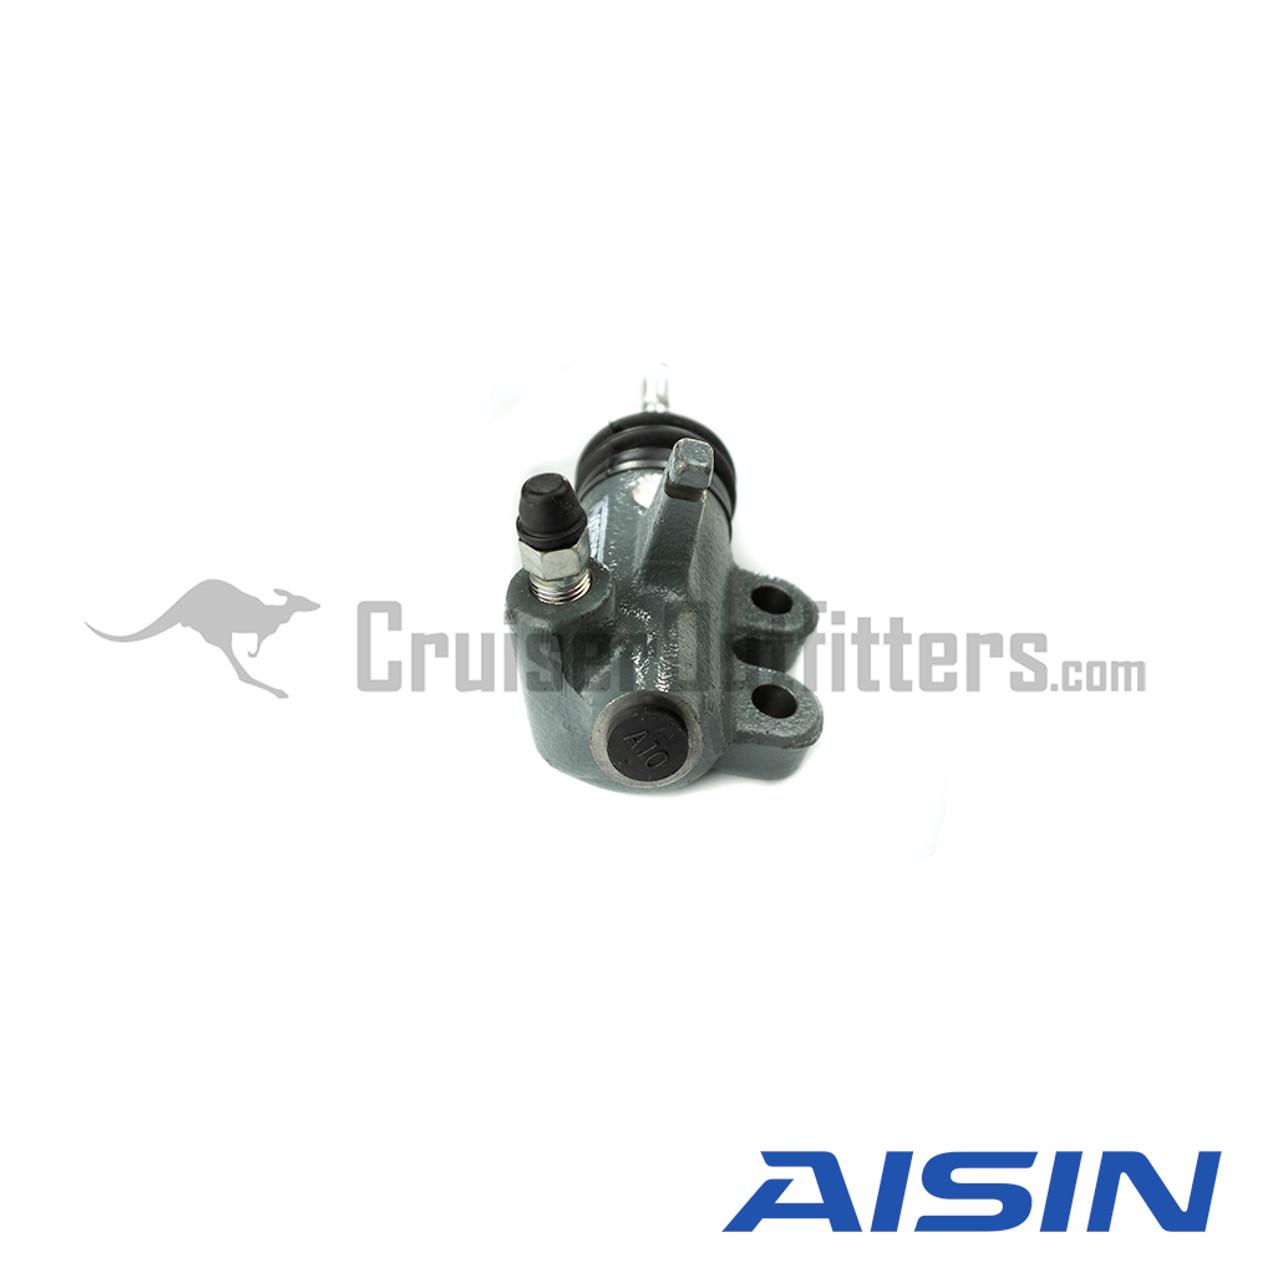 CSN60110N - Clutch Slave Cylinder